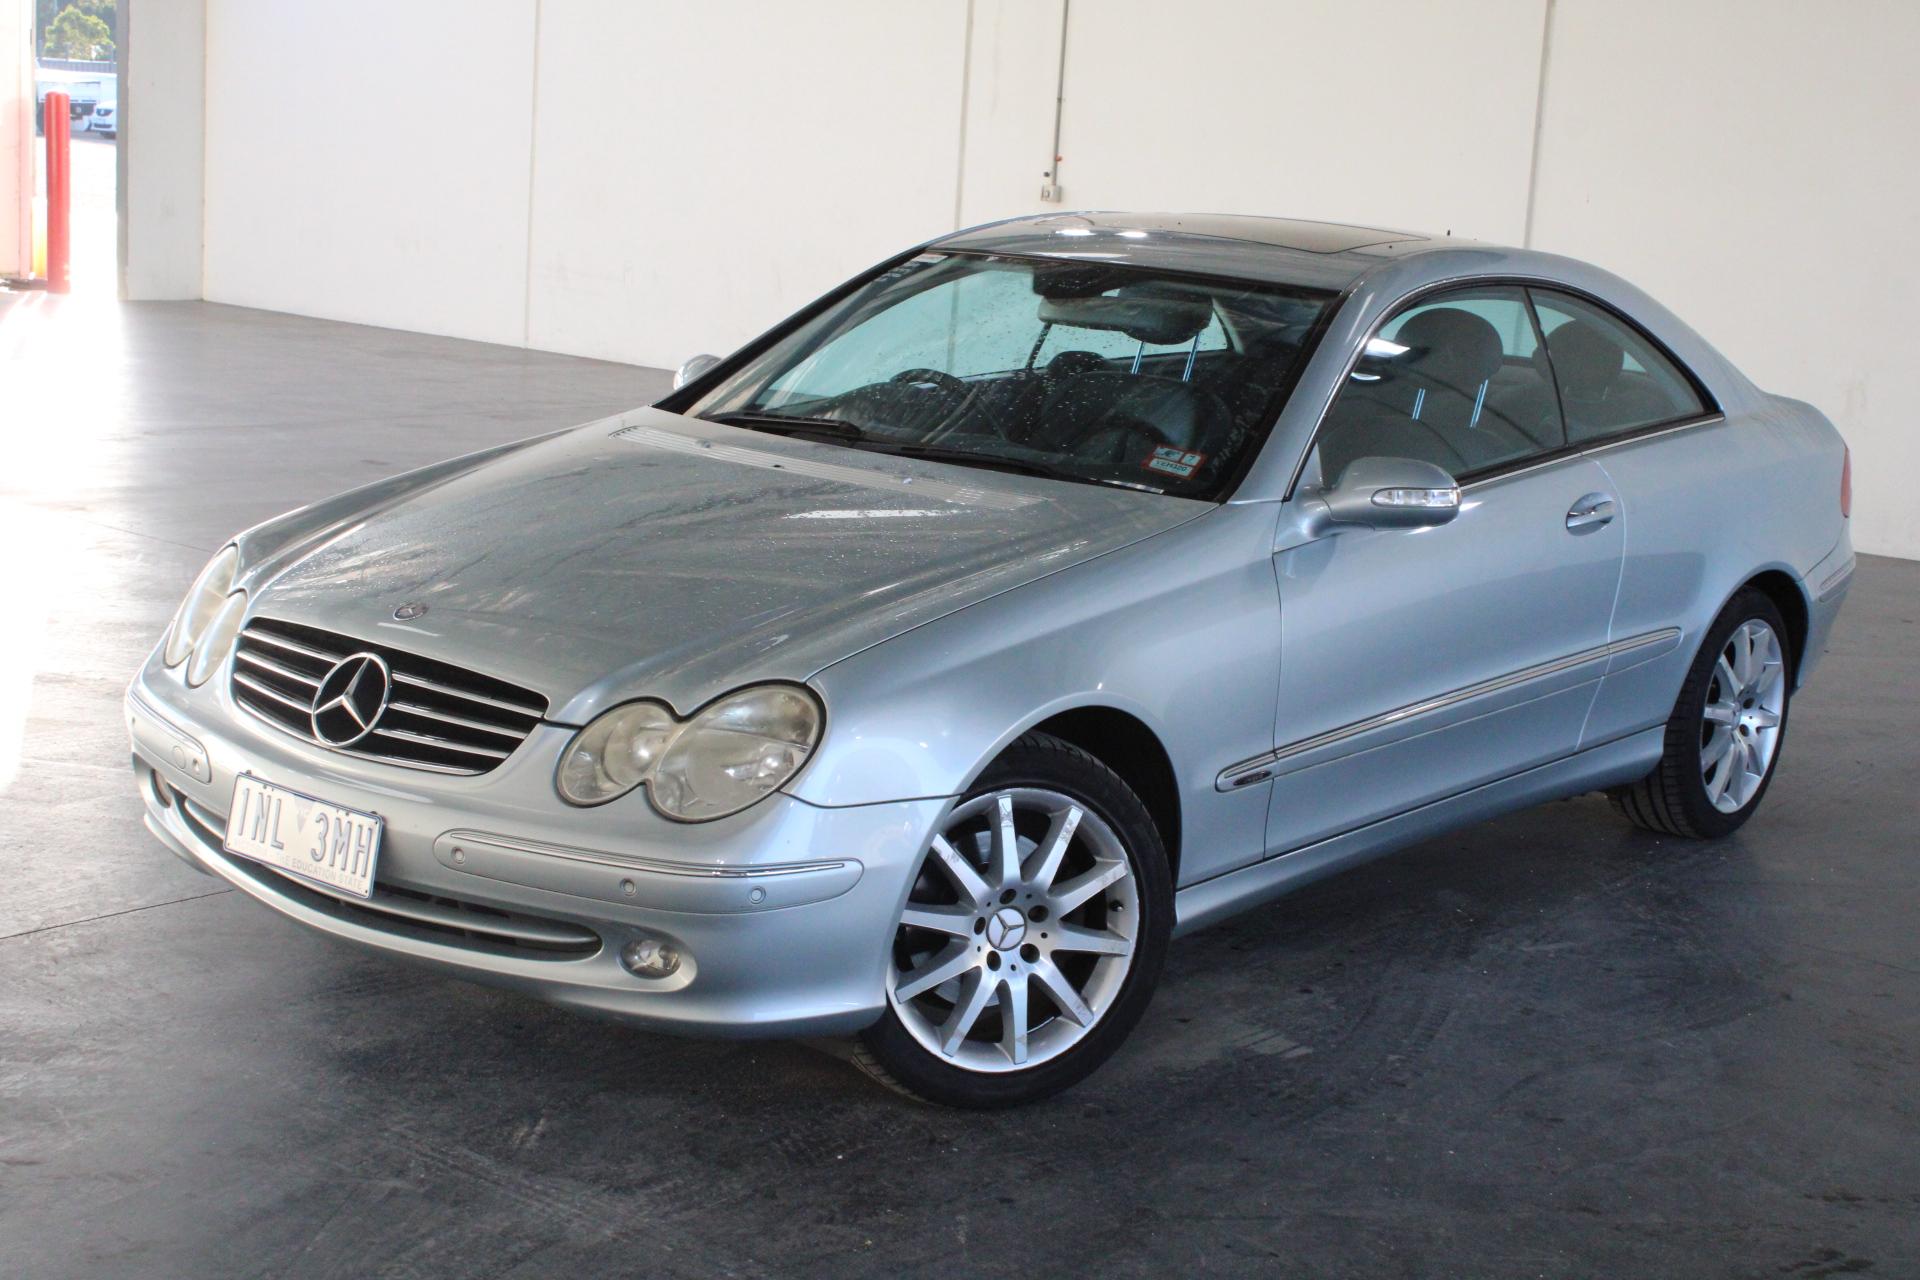 2005 Mercedes Benz CLK320 Avantgarde C209 Automatic Coupe